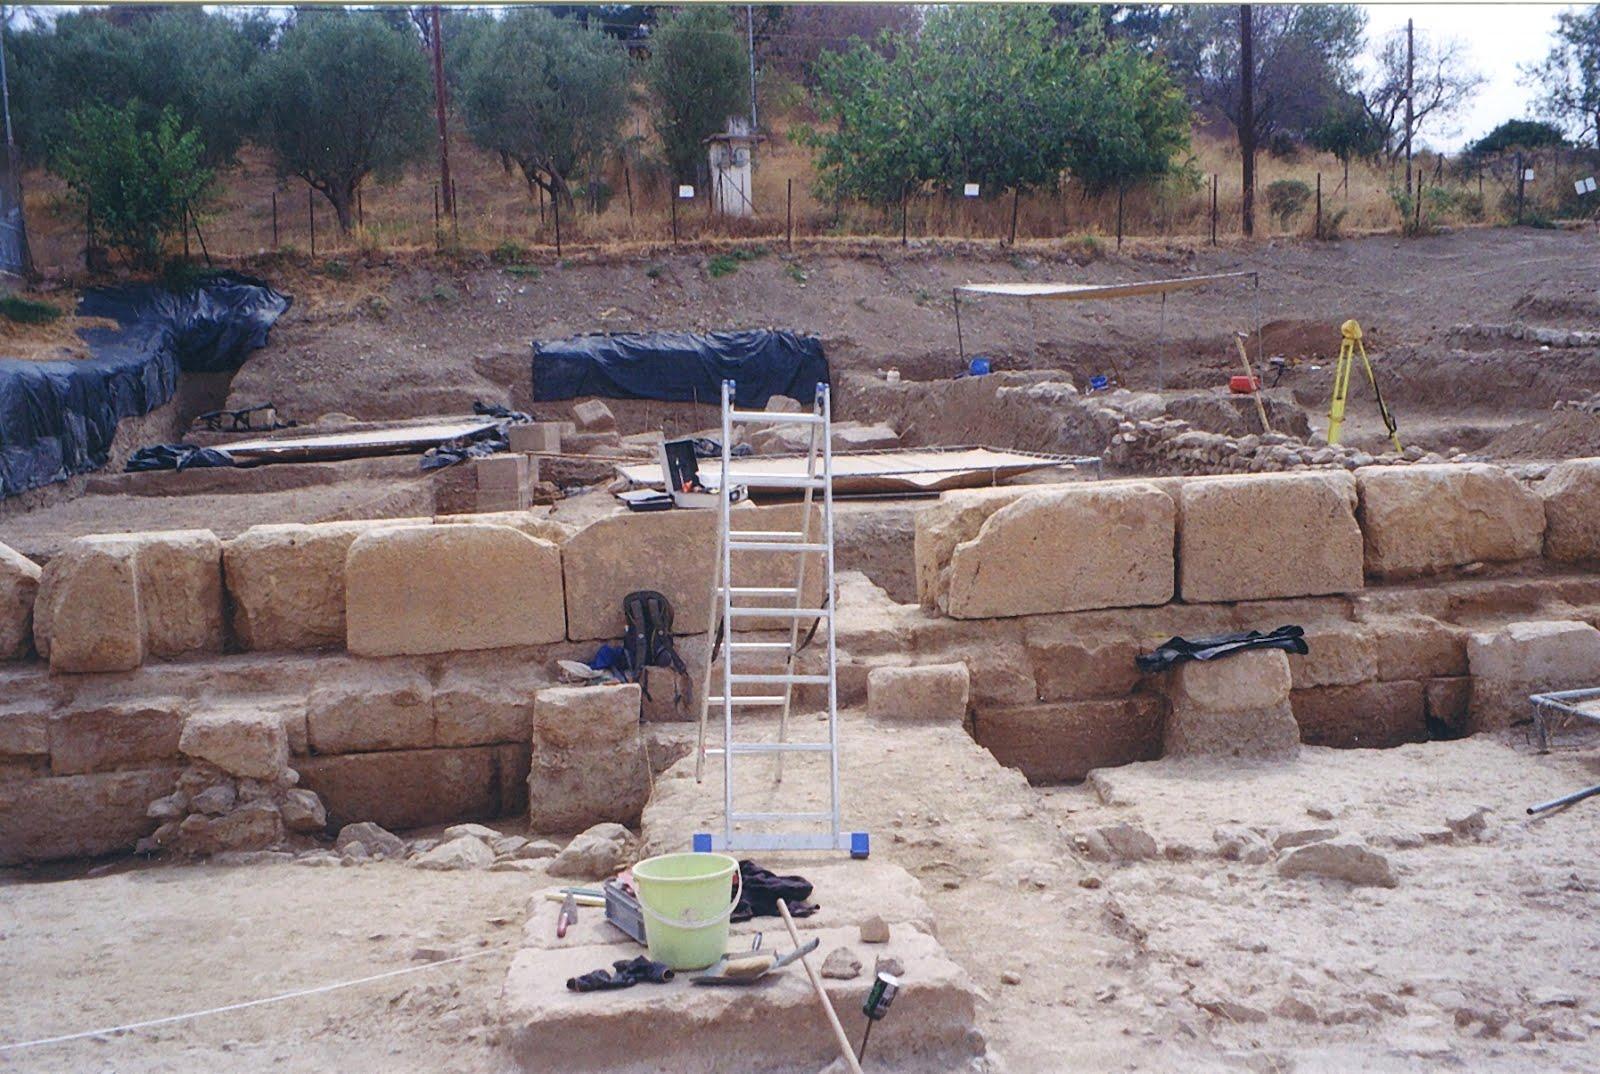 Εύβοια : Βρέθηκε ο ναός που έψαχναν 100 χρόνια, αυτός της Αμαρυσίας Αρτέμιδος!